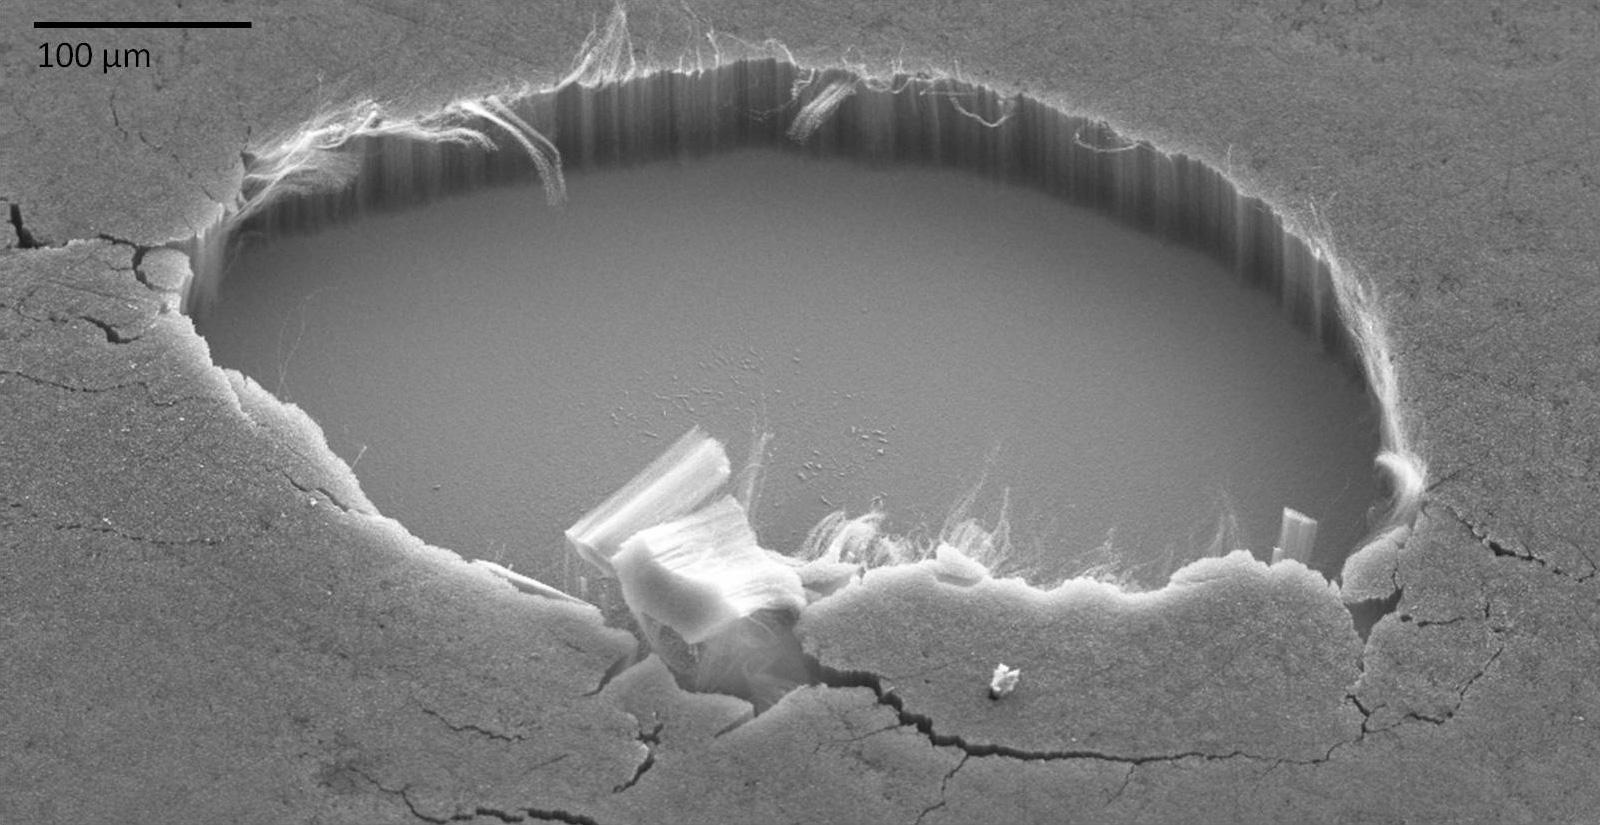 Материал под микроскопом